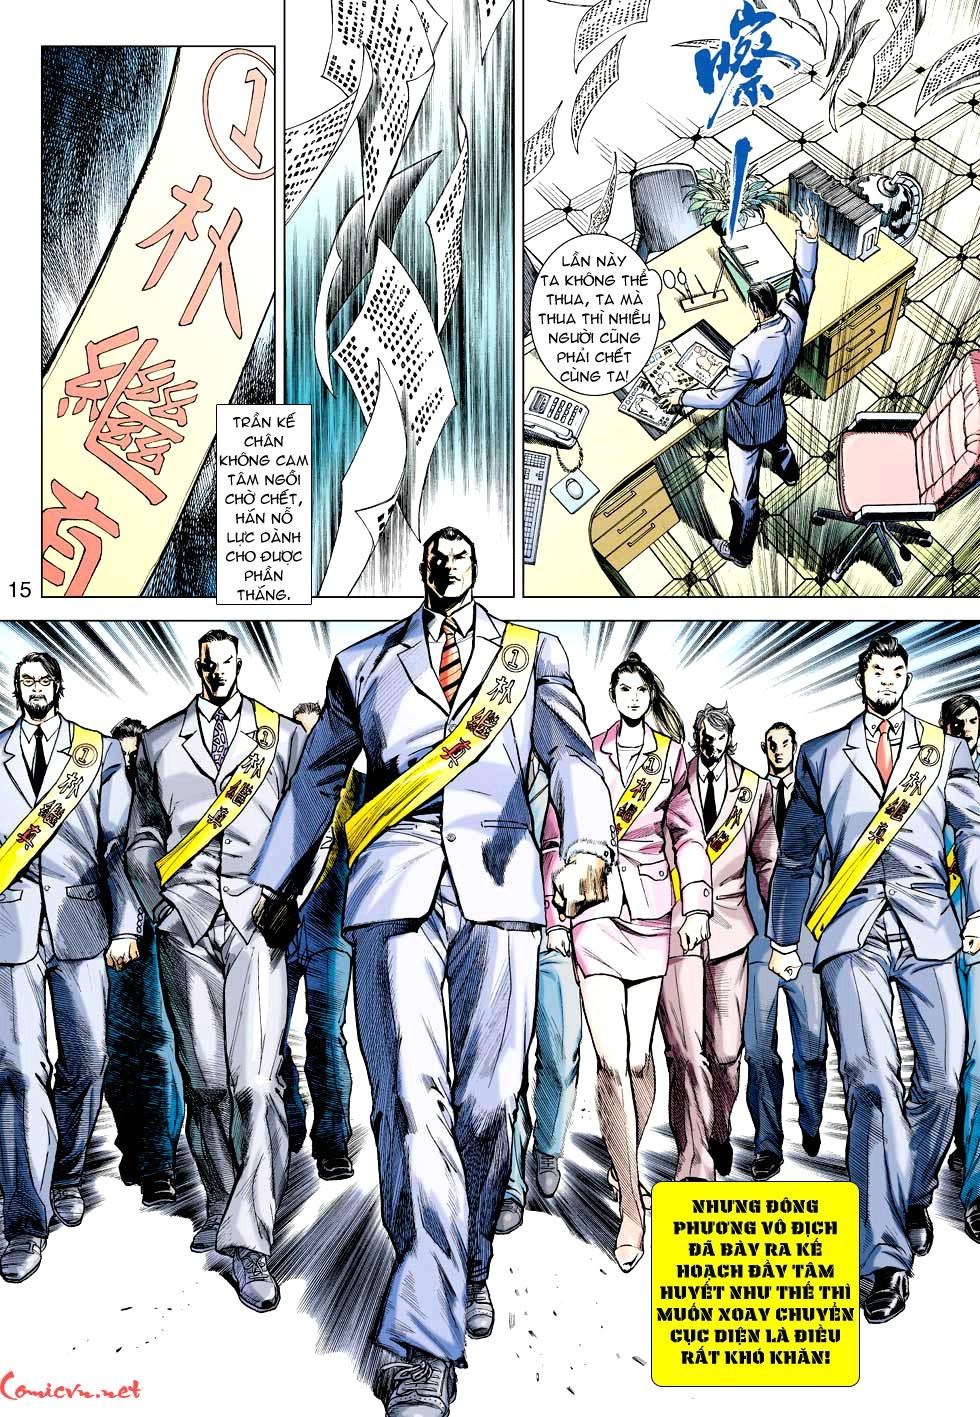 Vương Phong Lôi 1 chap 30 - Trang 13